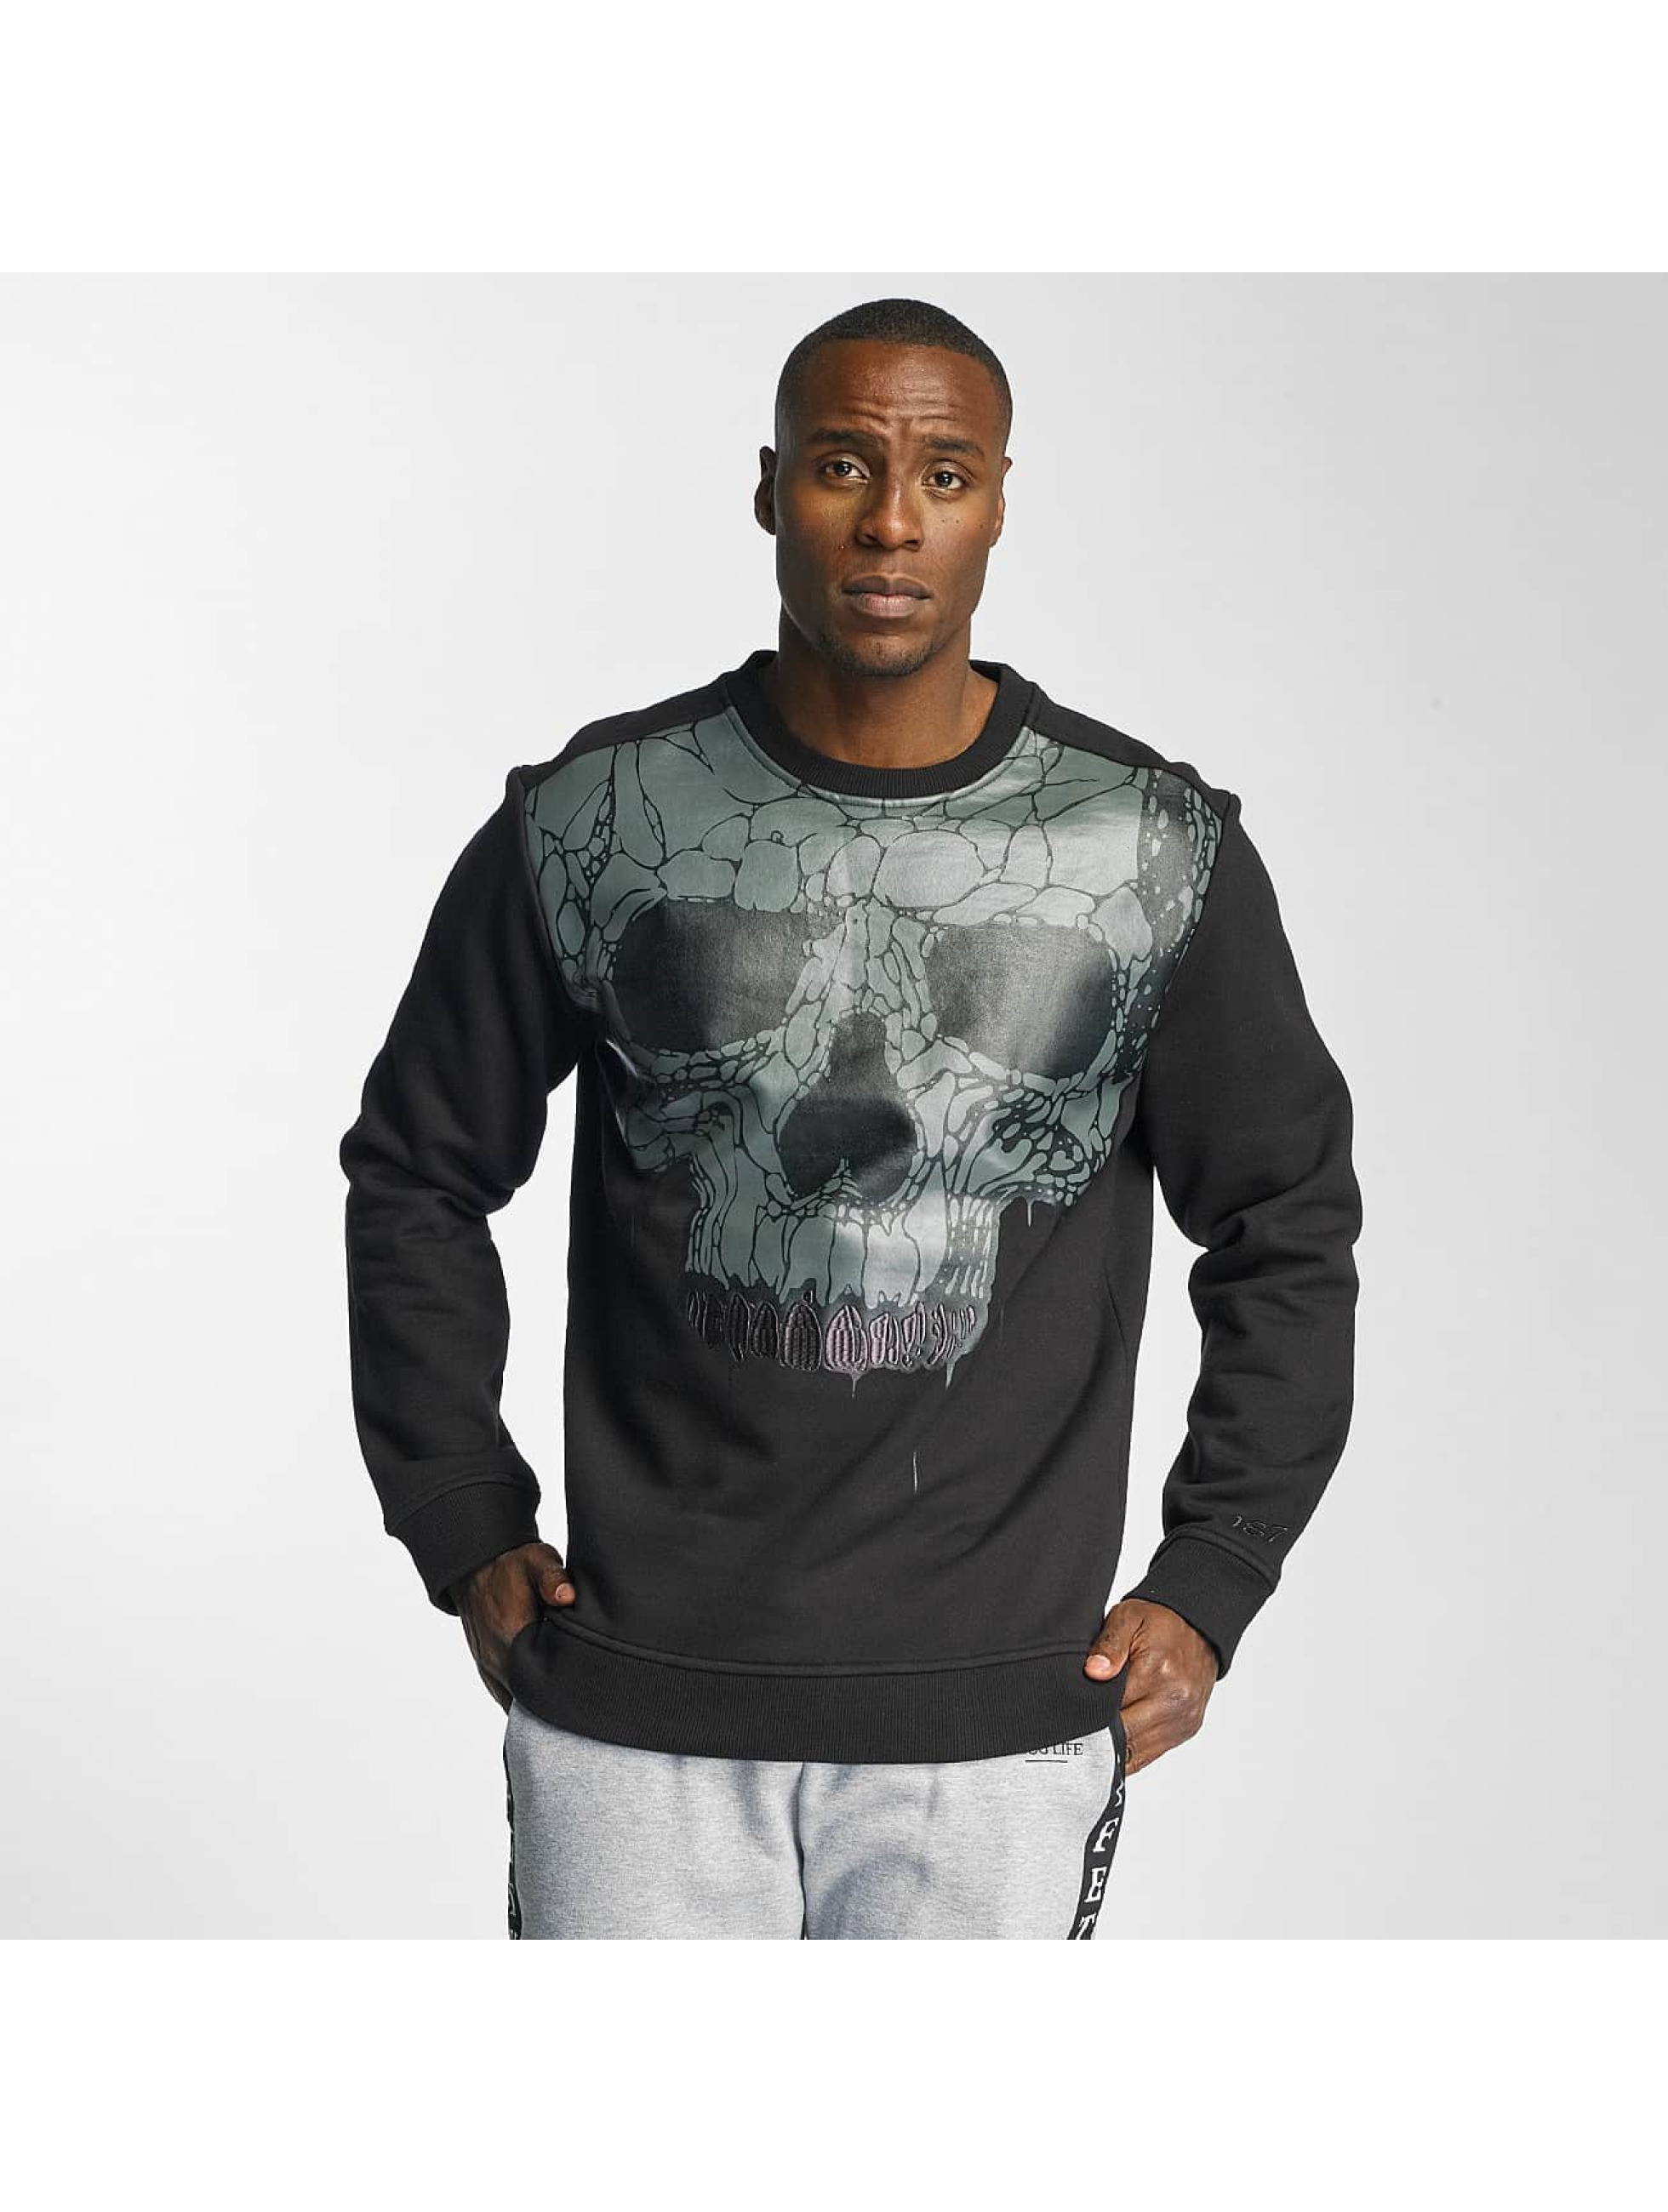 Thug Life / Jumper Goldteeth in black XL